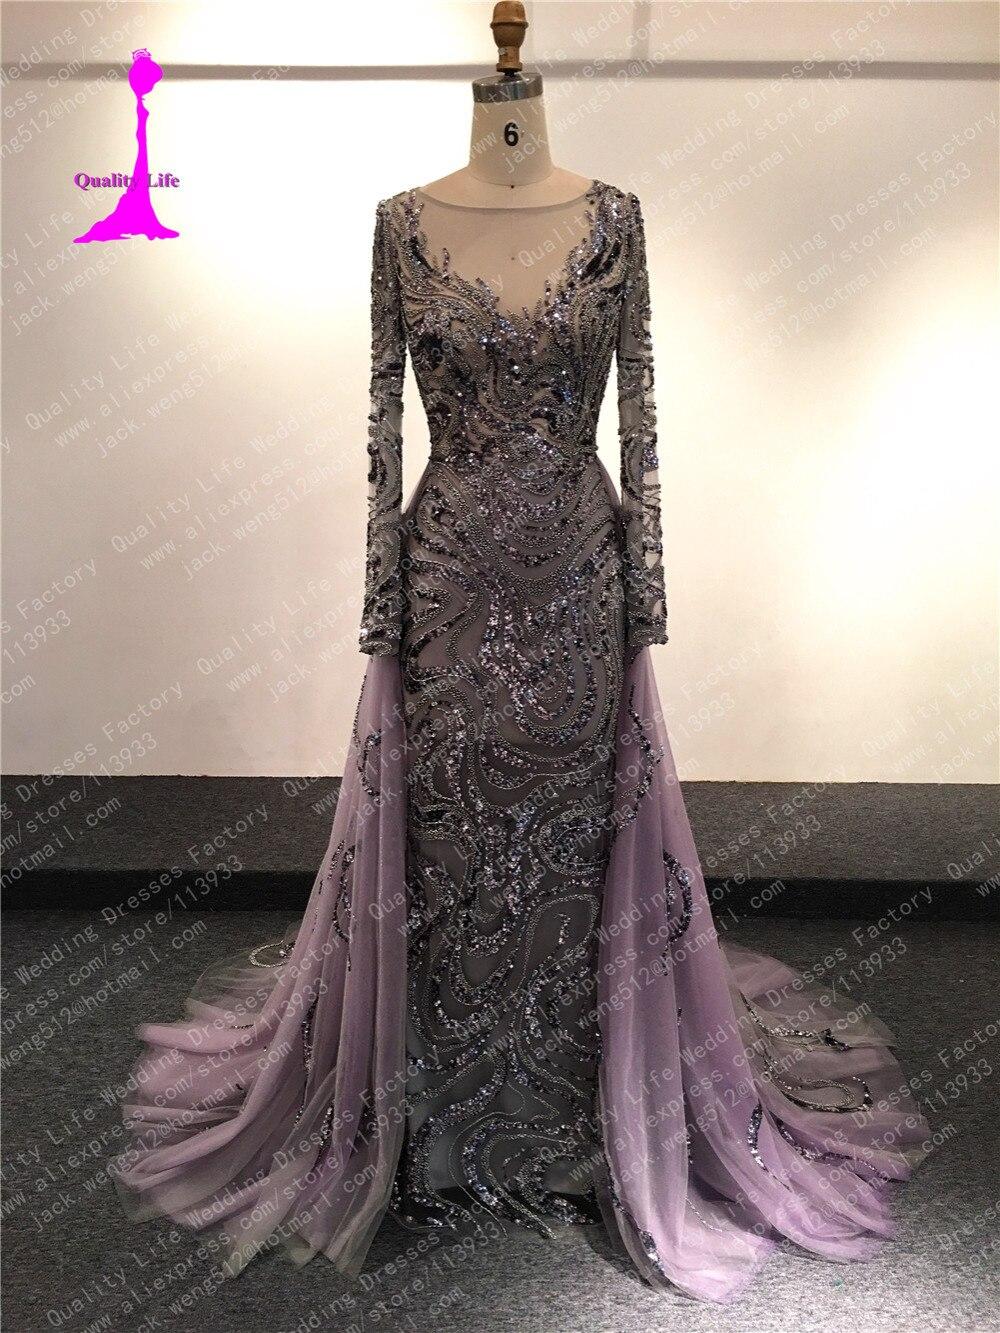 Luxury fashion abendkleider – Abendkleider beliebte Modelle